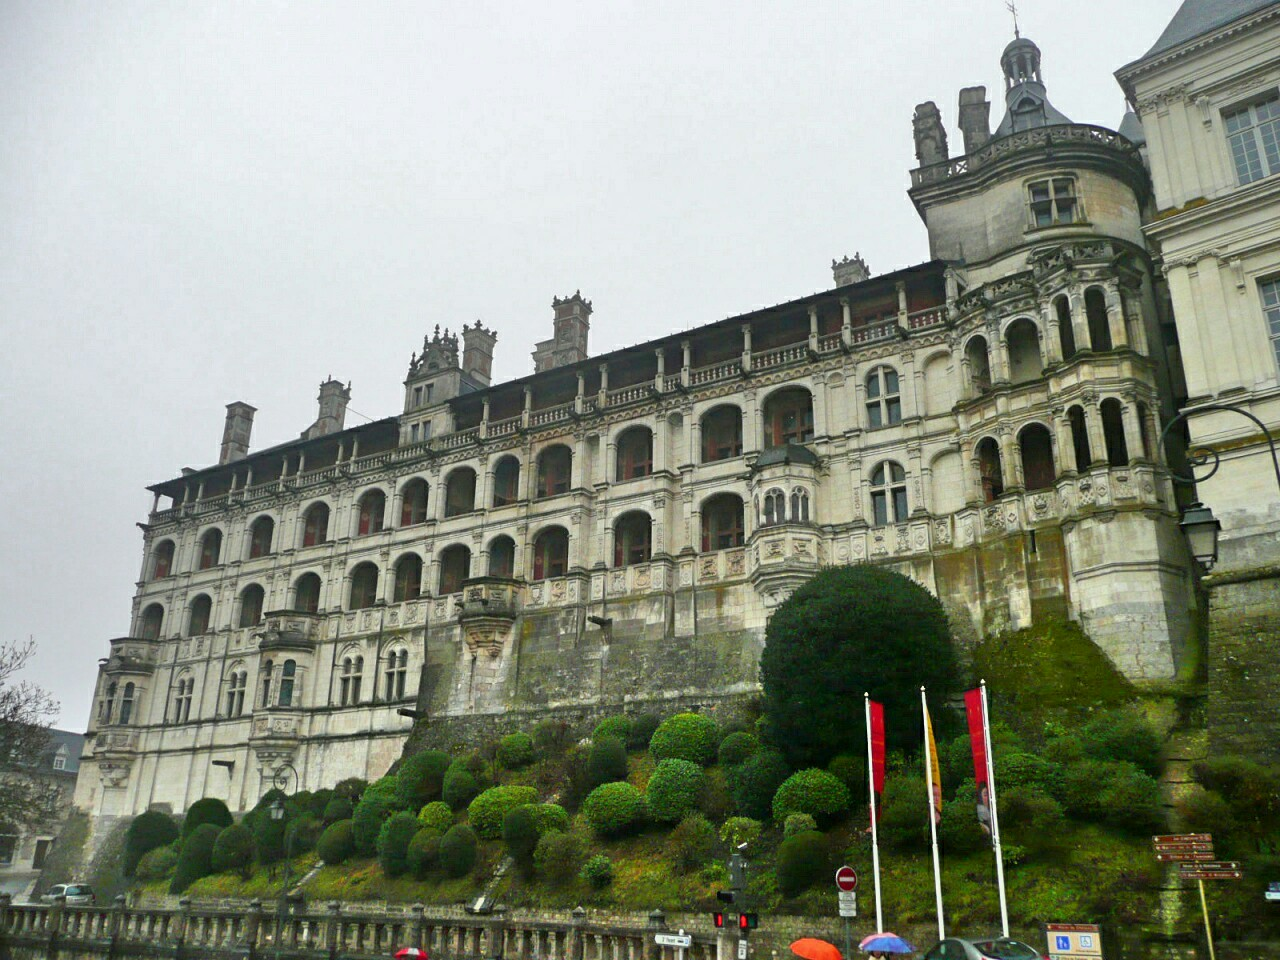 ブロワ城の画像 p1_37